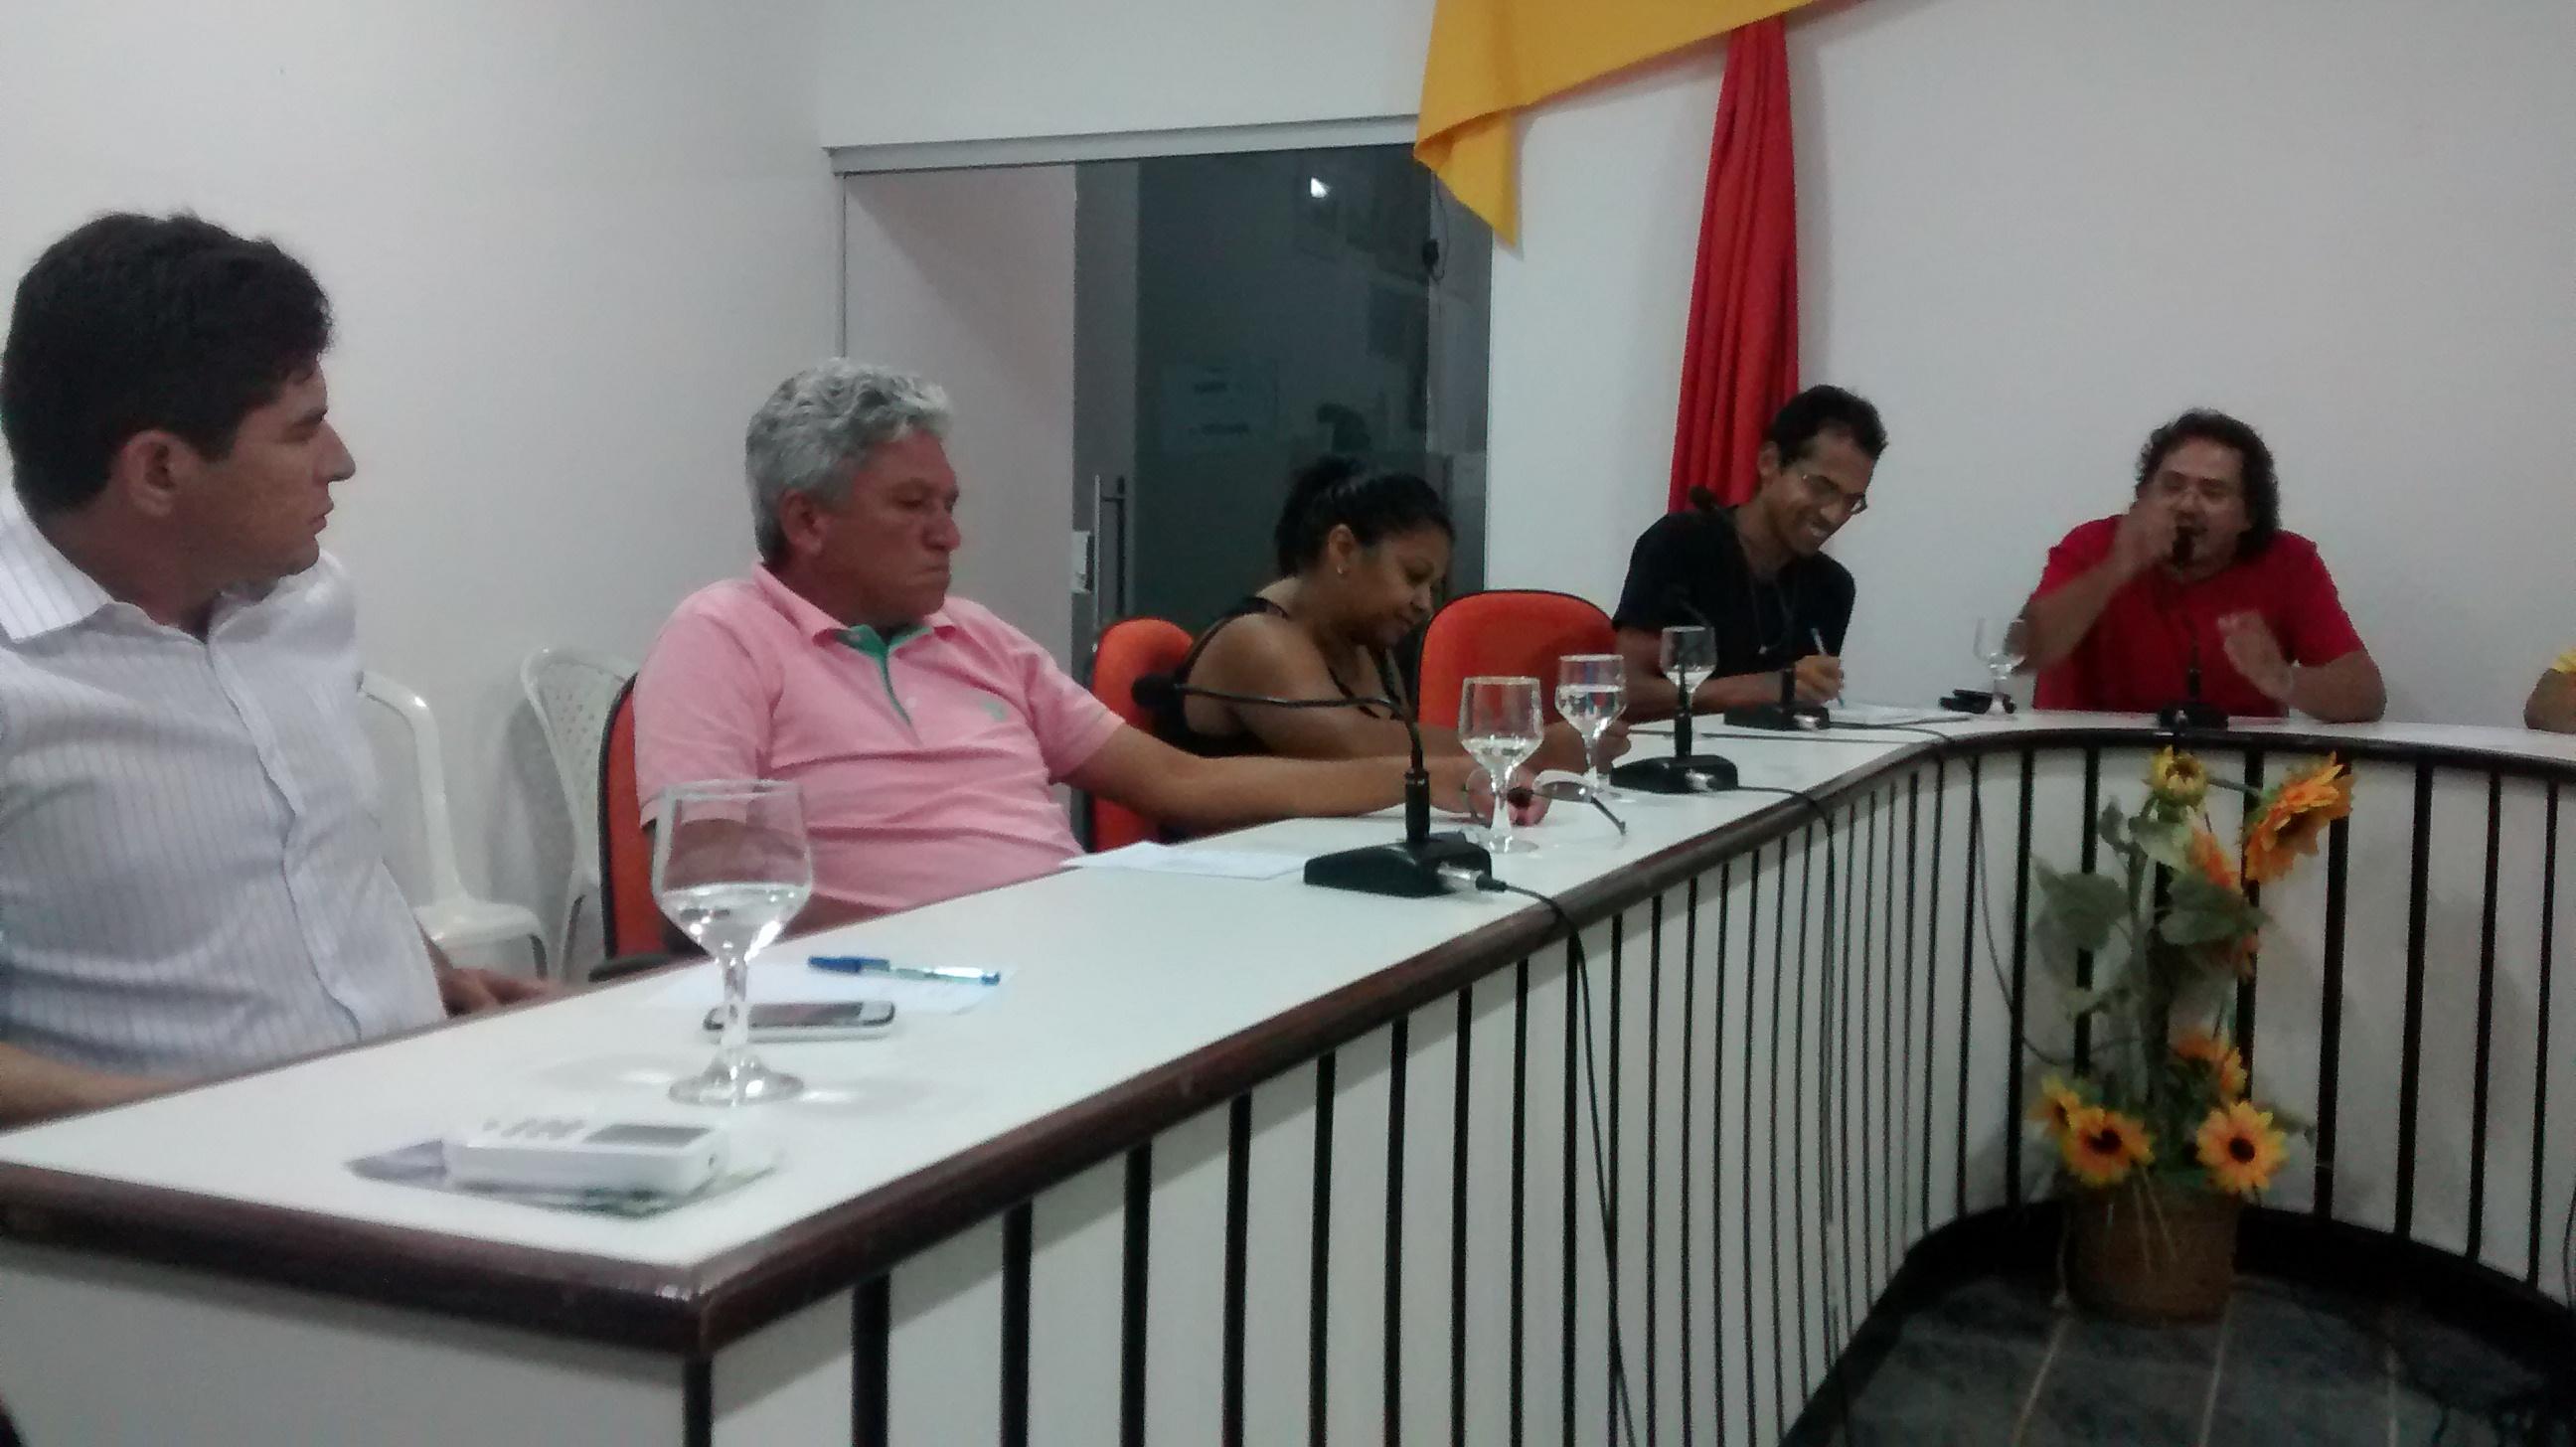 Ricardo André, Micarla Catarina e Beto de Agostinho participaram do evento.